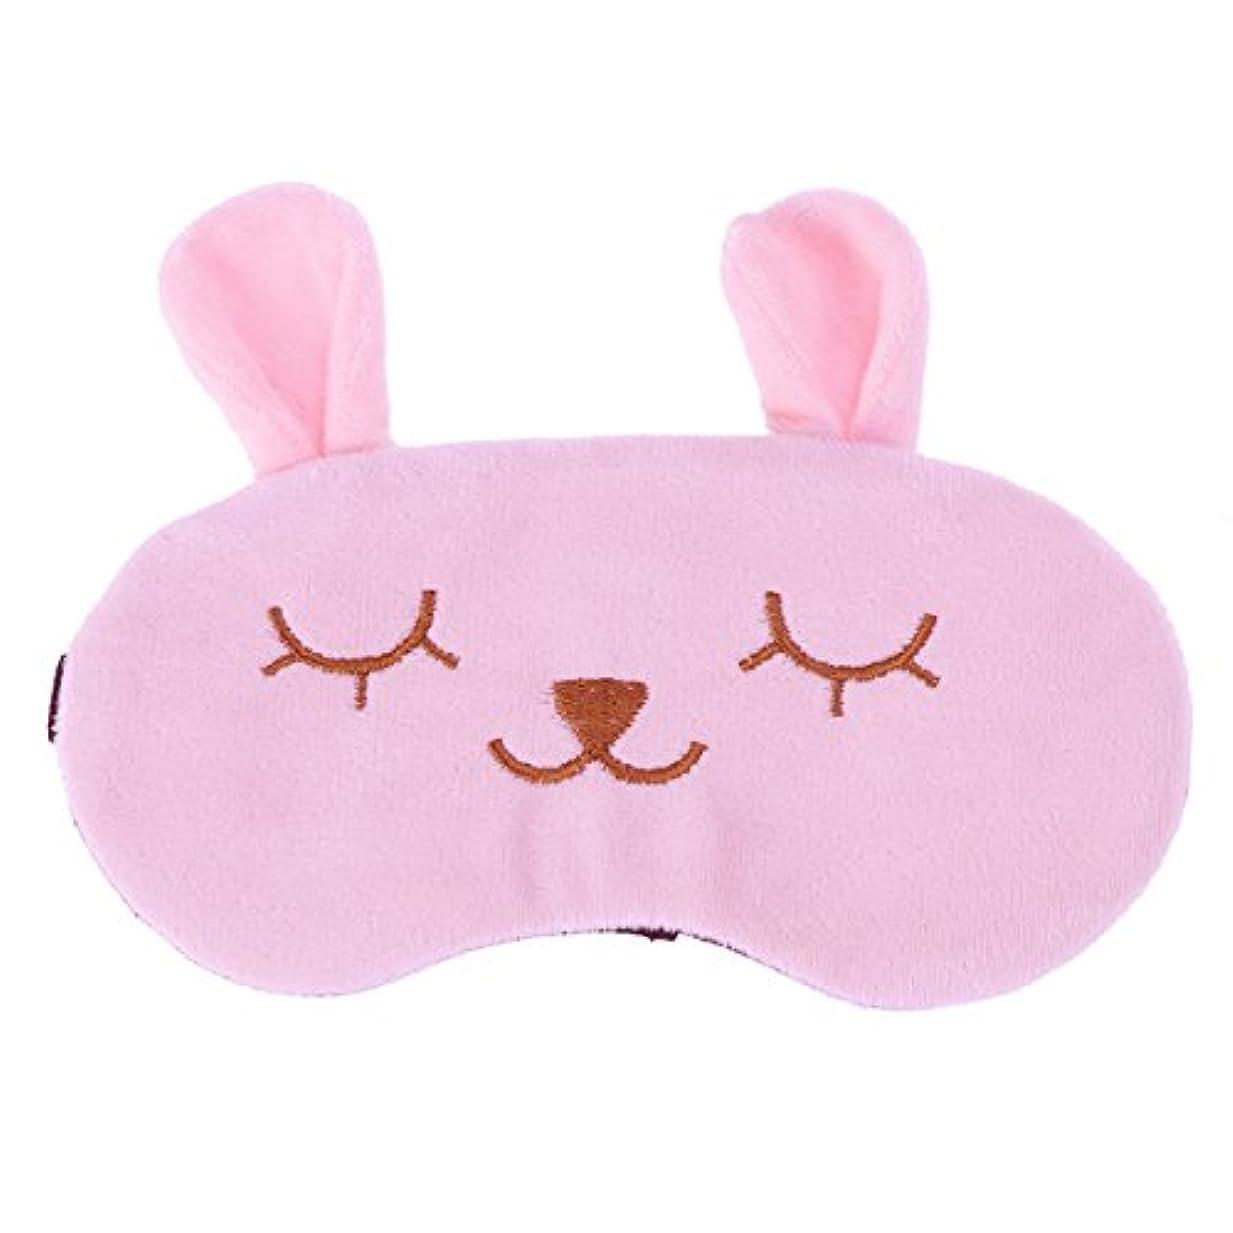 クリームまろやかなスケッチSUPVOX 昼寝瞑想のための豪華な睡眠のアイマスクかわいい冷却目隠しアイシェードポータブル